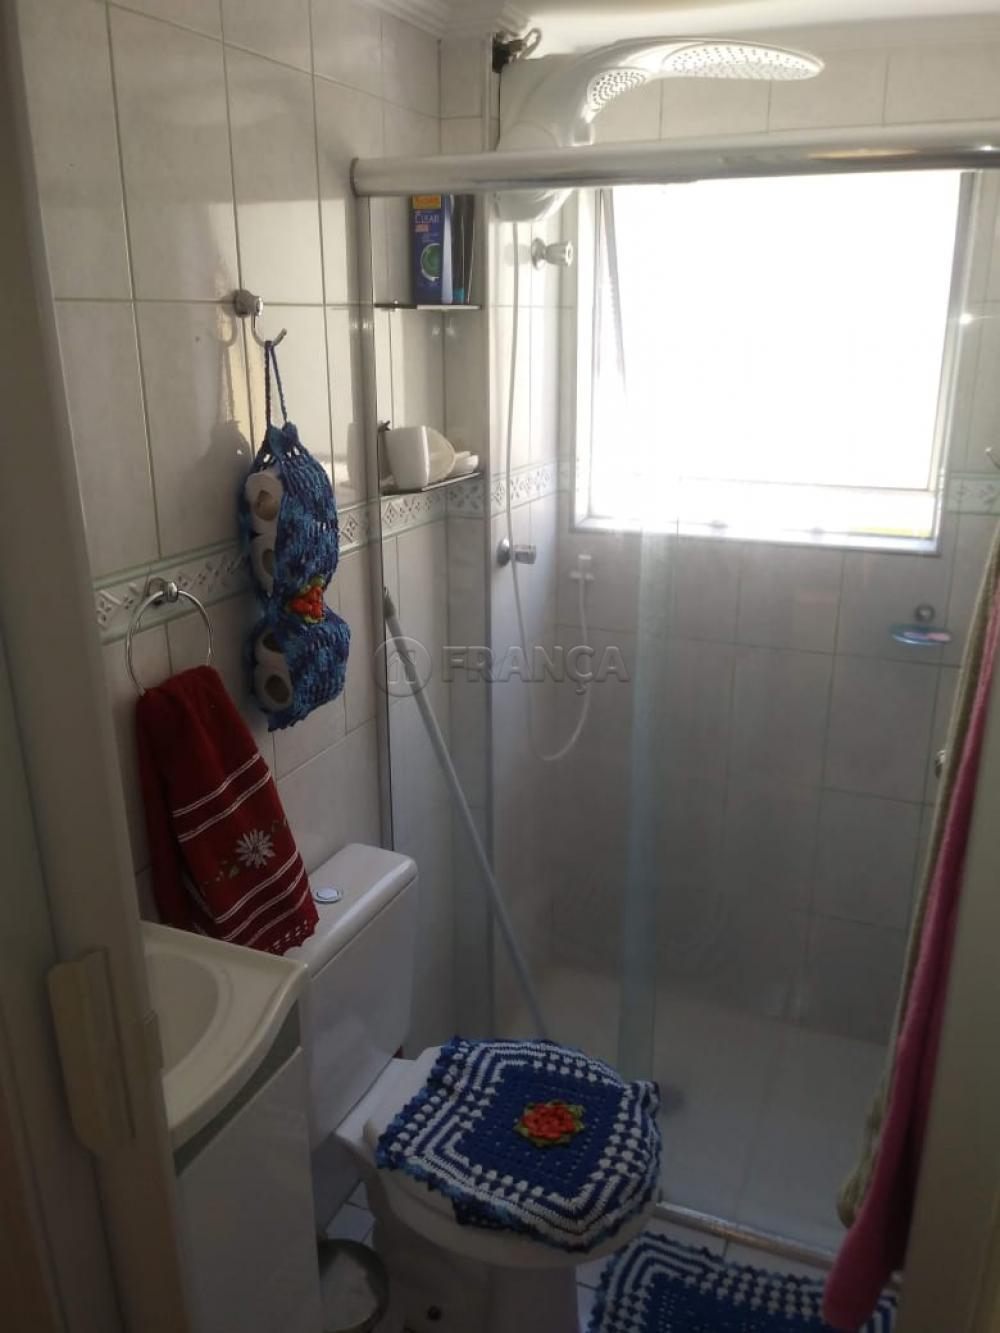 Comprar Apartamento / Padrão em São José dos Campos apenas R$ 191.000,00 - Foto 8